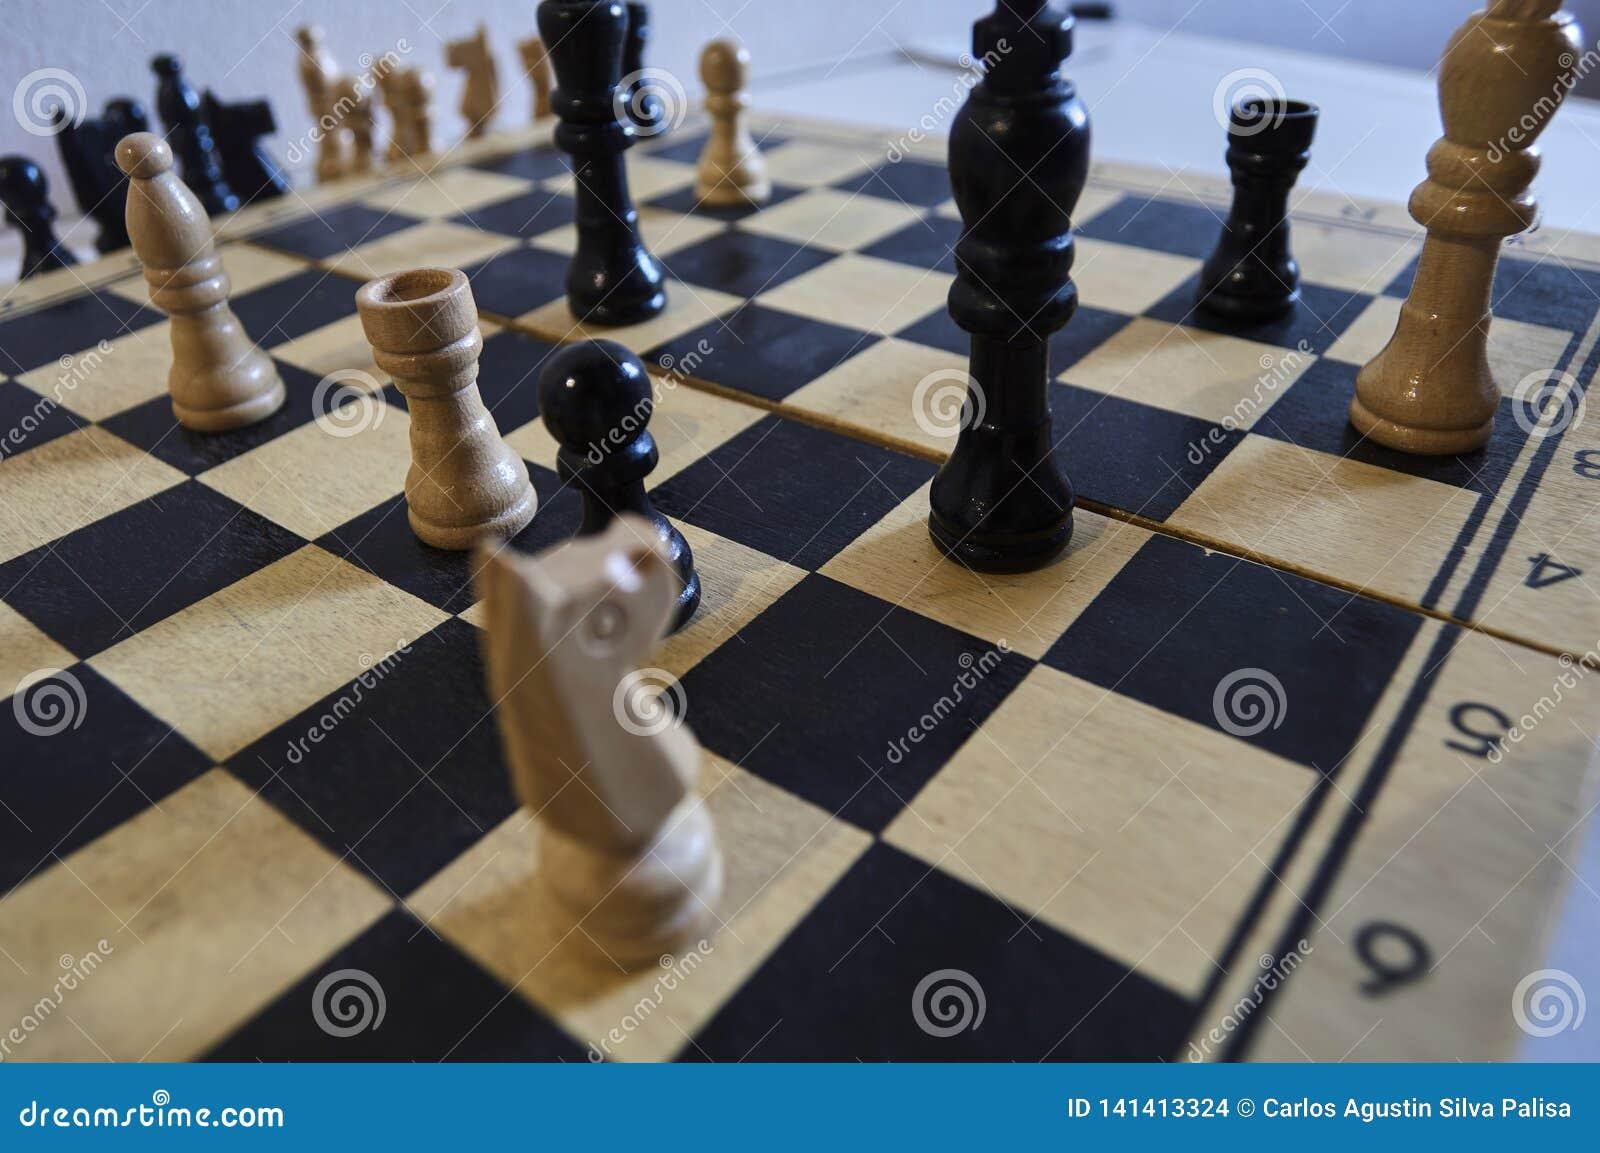 Spel van schaak, witte koning in probleem, paard in probleem, schaakmat in één beweging